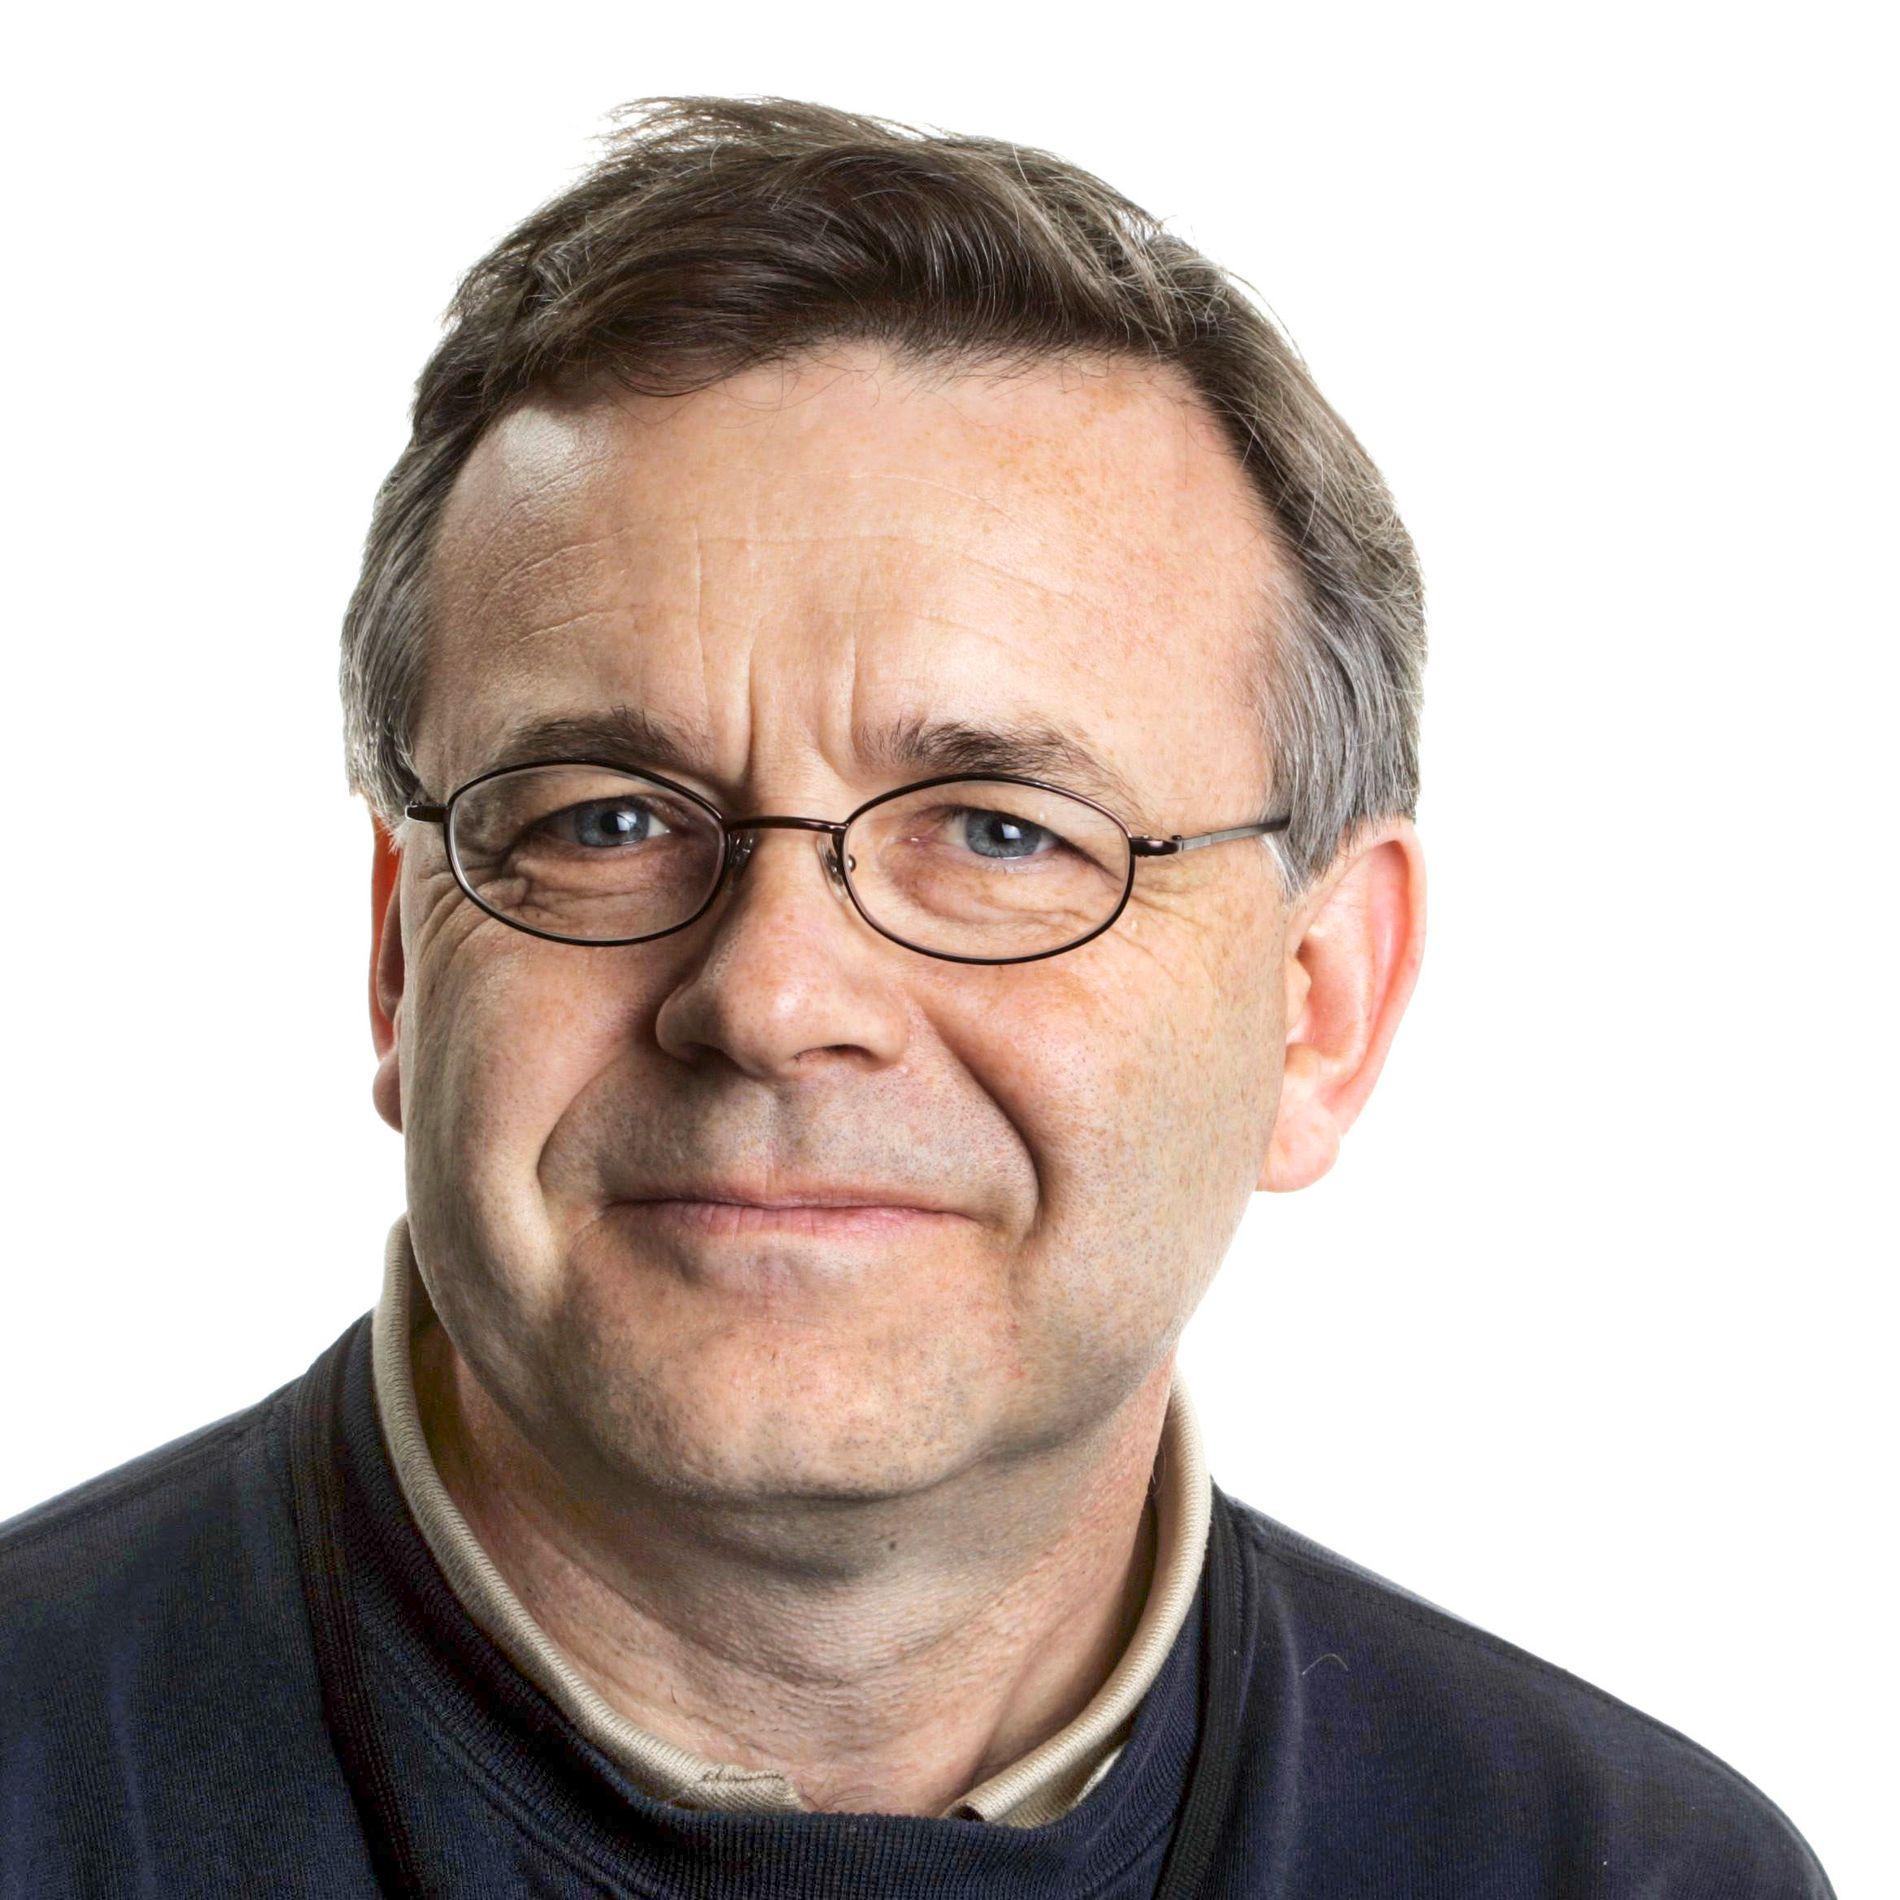 Hans O. Torgersen